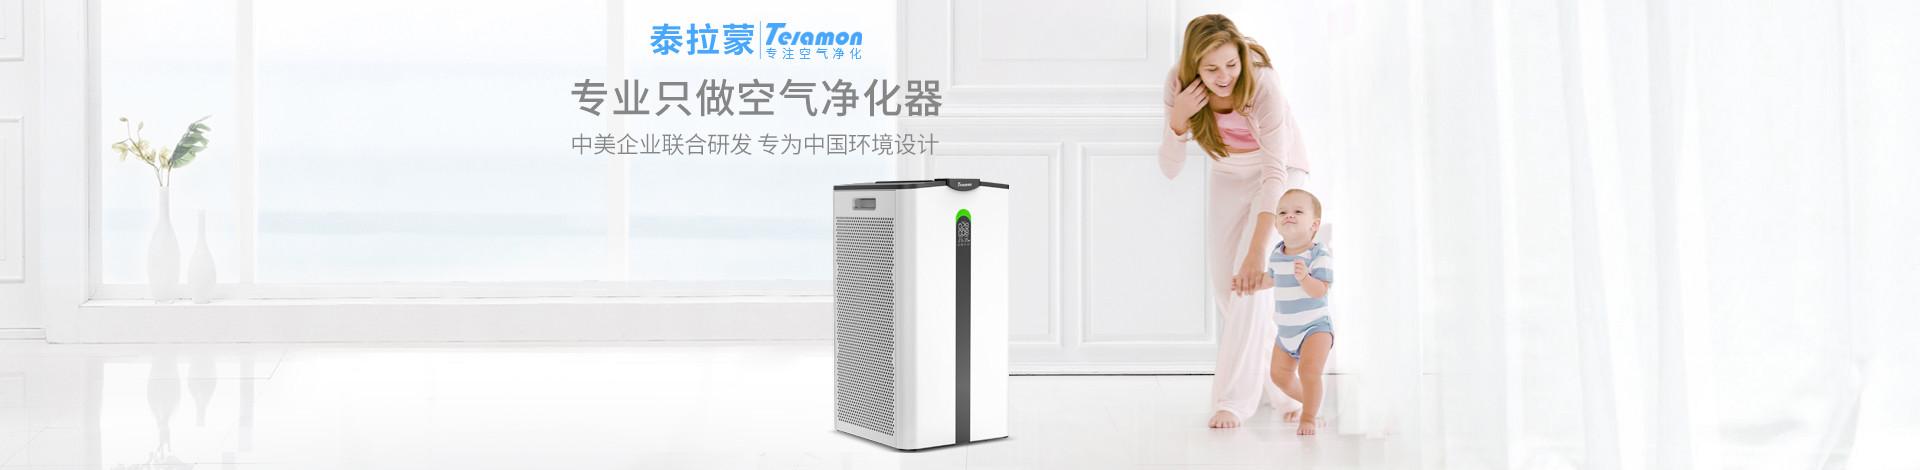 泰拉蒙空气净化器品牌介绍